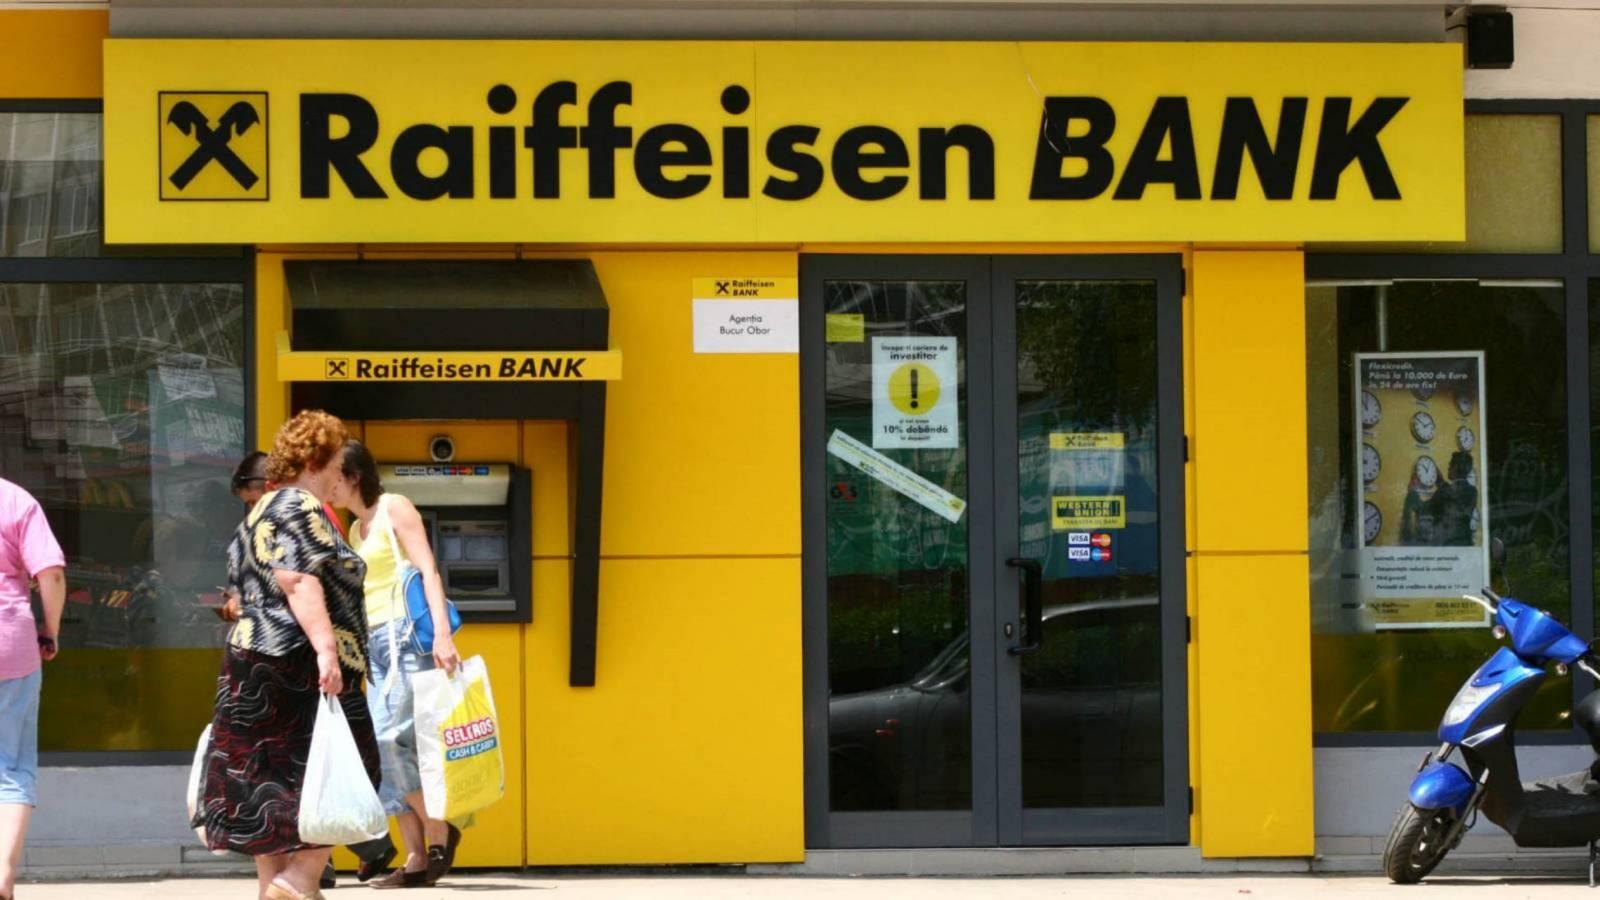 Raiffeisen Bank voucher